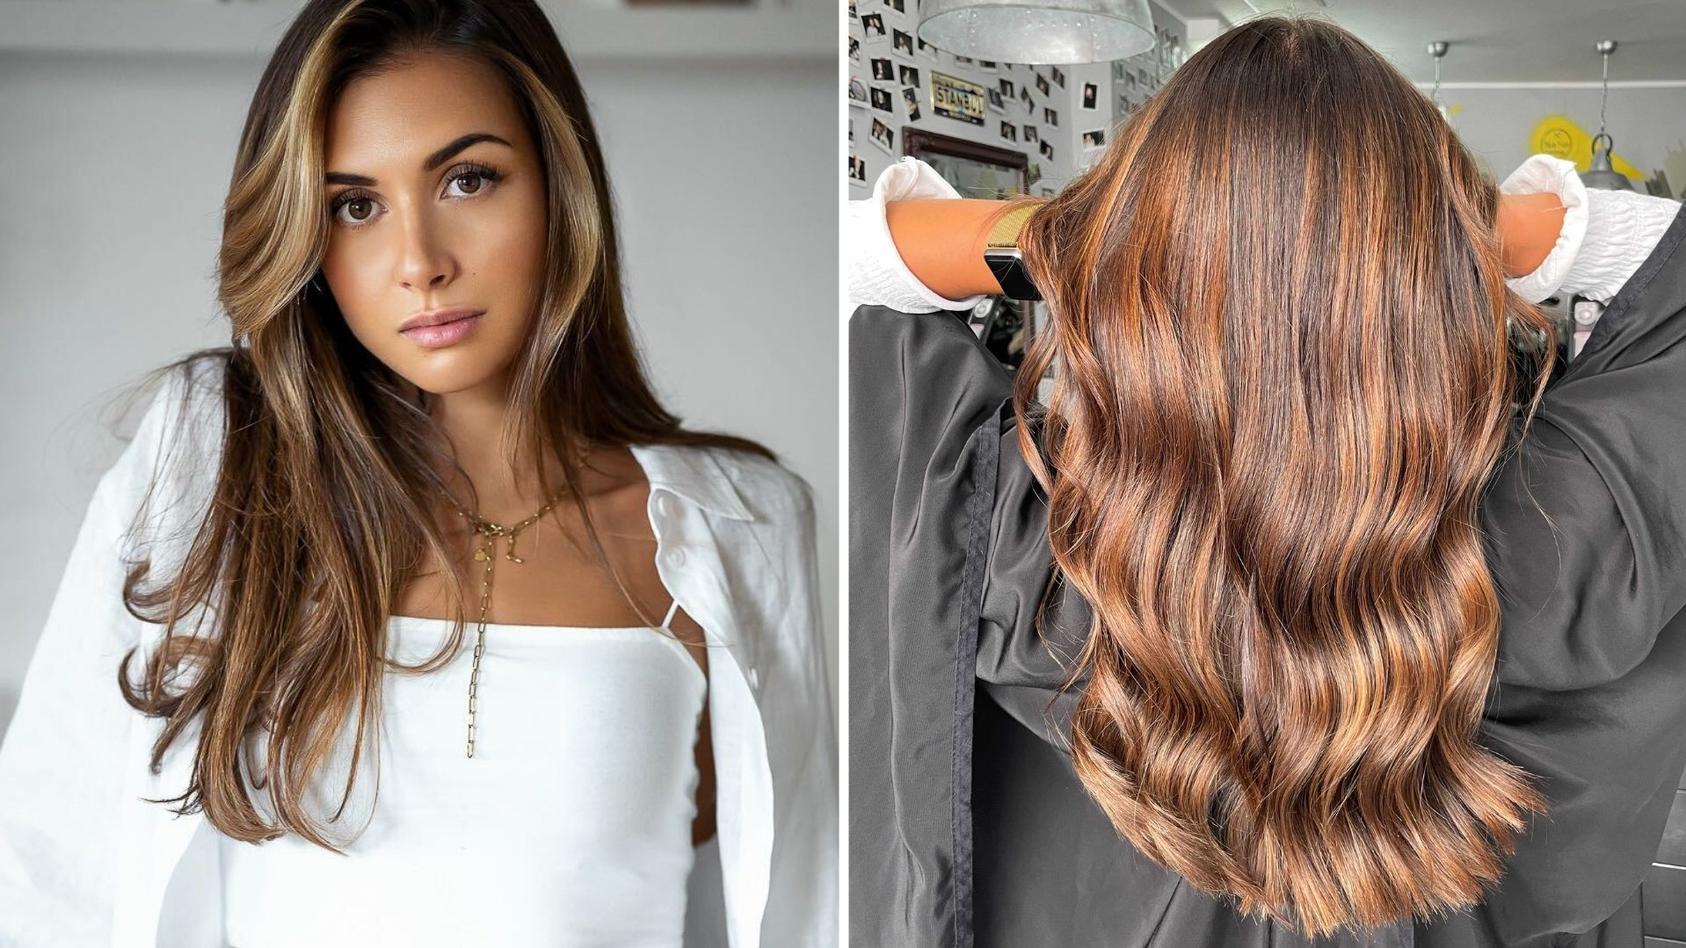 Um die perfekten Haar-Tools zu finden, musste unsere Beauty-Expertin Luisa Menzel einige Geräte ausprobieren.